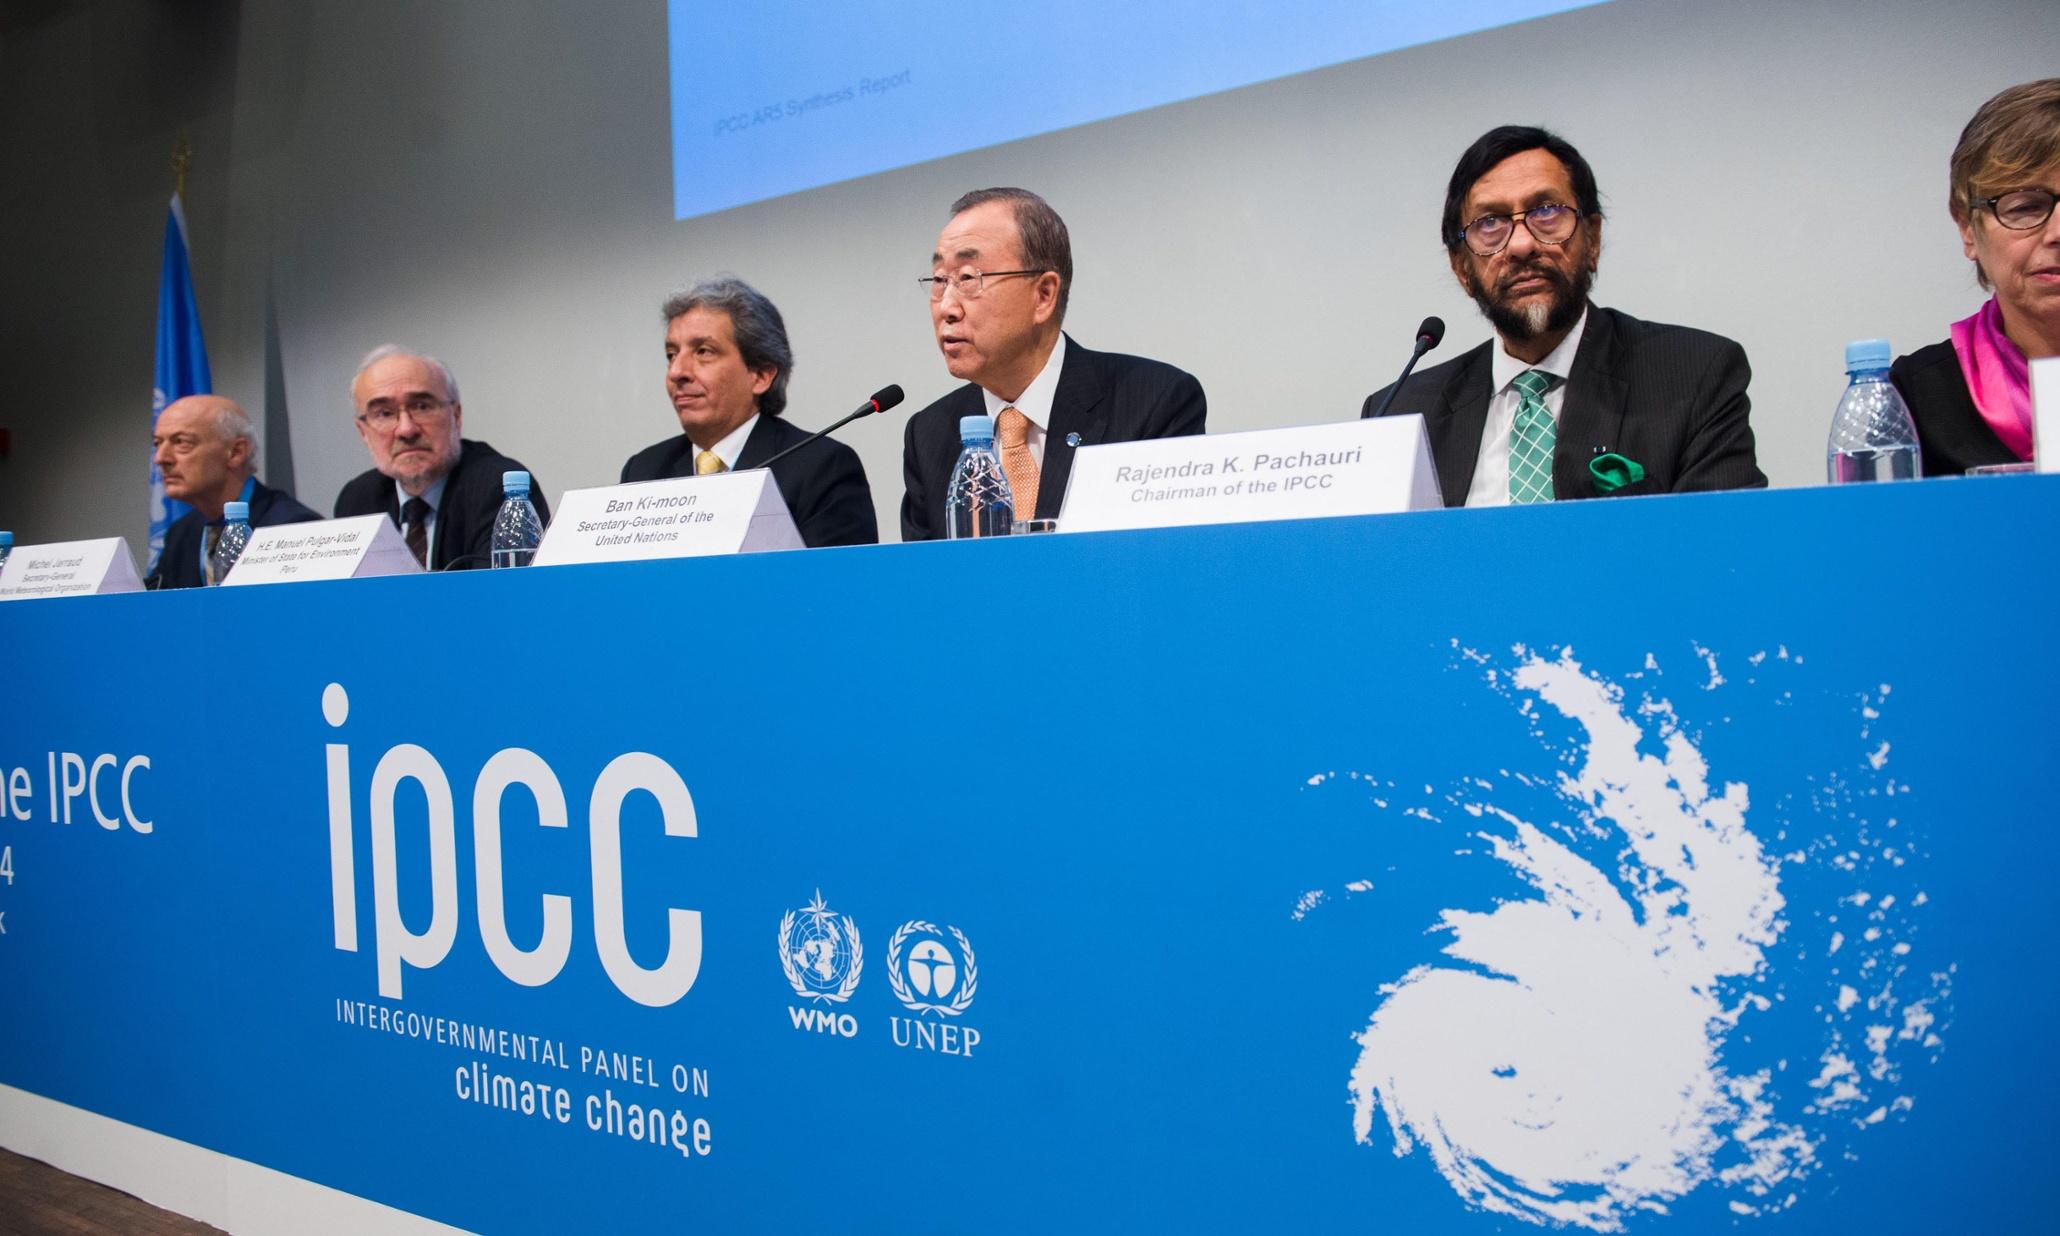 The climate adviser's dilemma